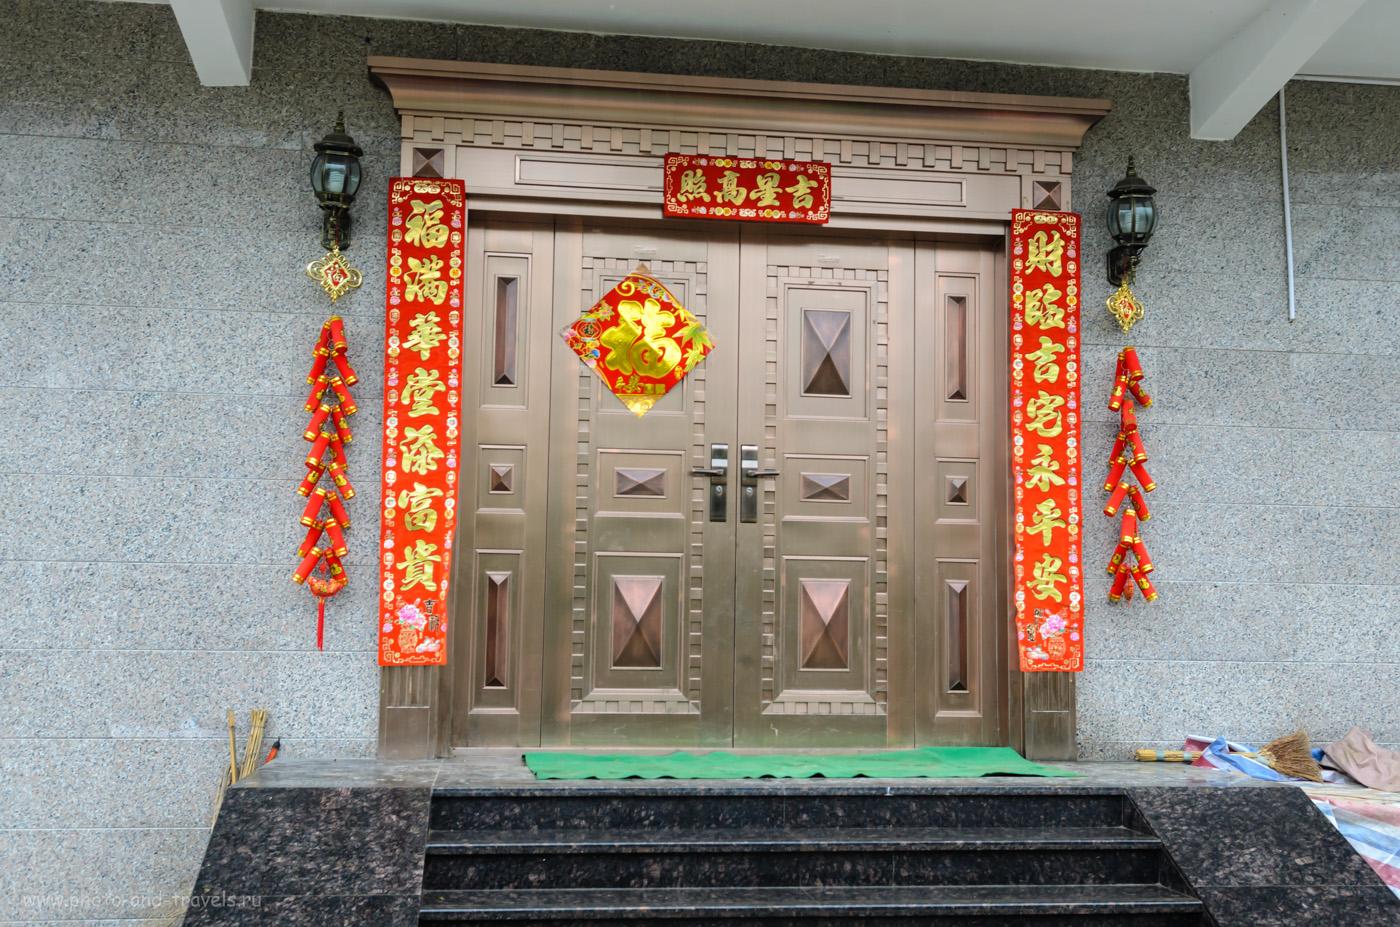 Фото 14. Отчет о поездке в Китай самостоятельно. Гуйлинь и его окрестности. Видели такие двери в России?